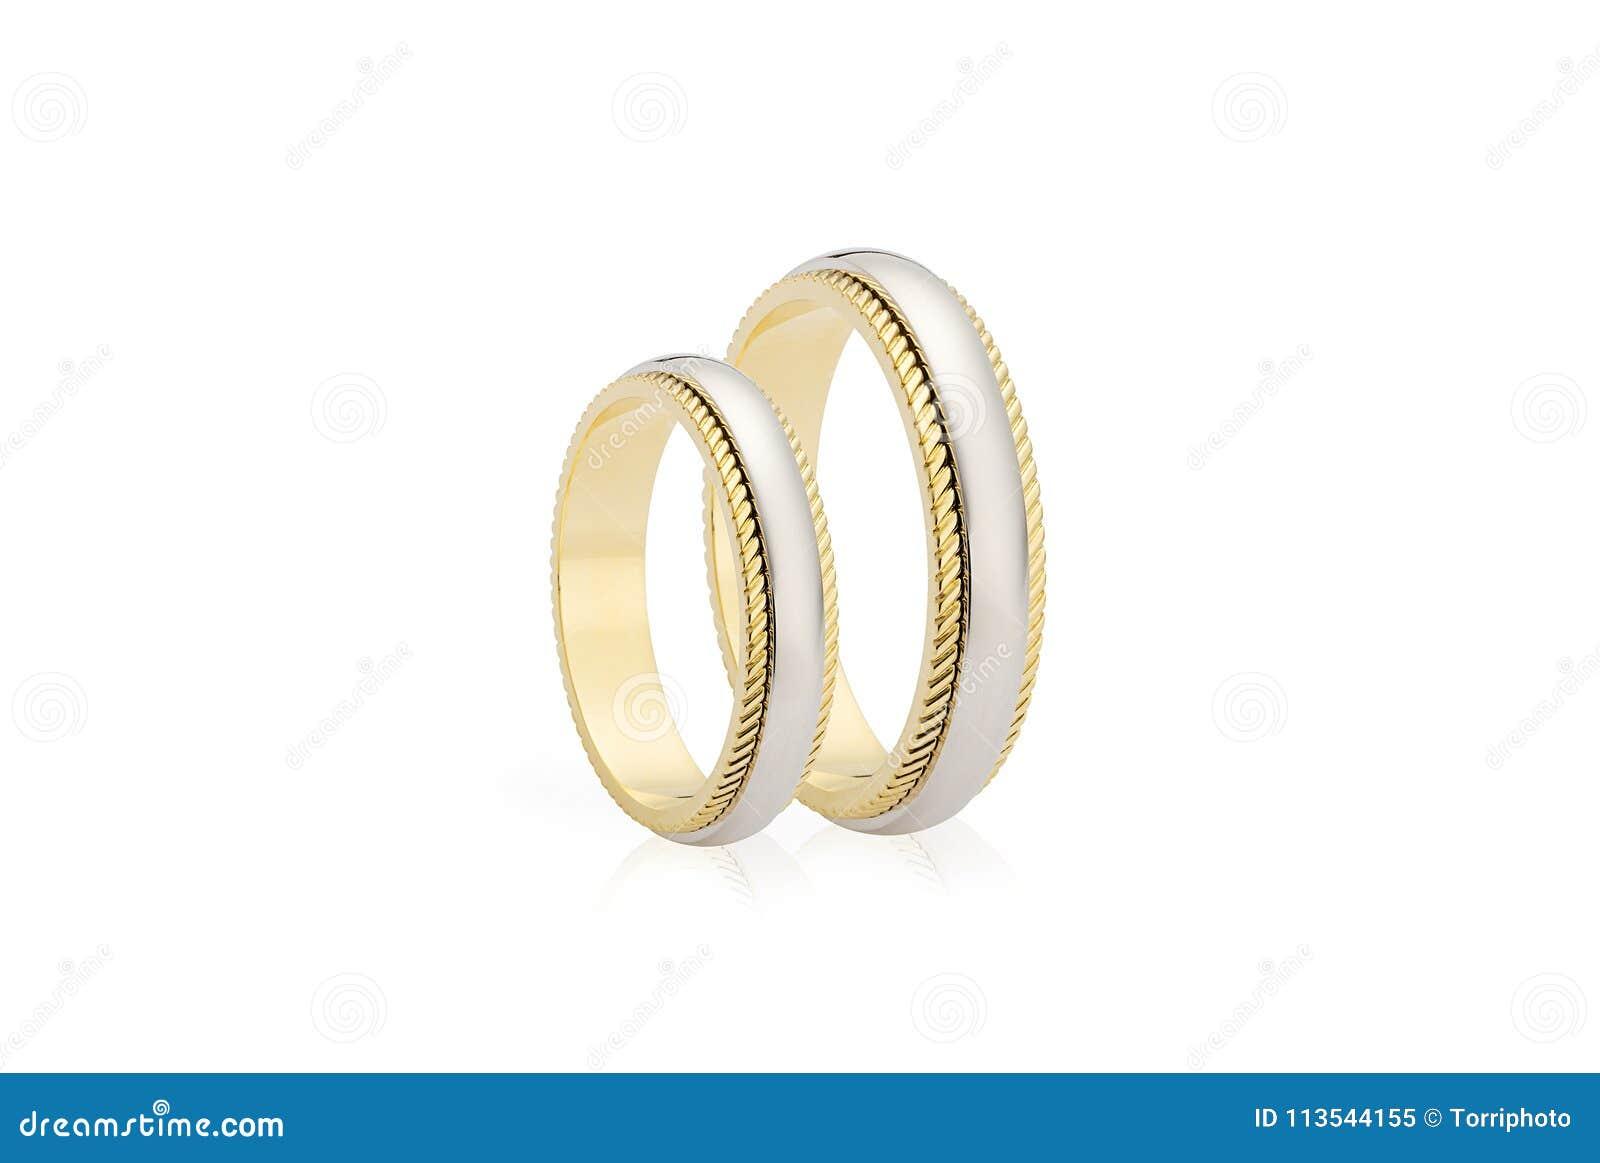 Zwei Ringe Der Goldenen Hochzeit Getrennt Auf Weissem Hintergrund